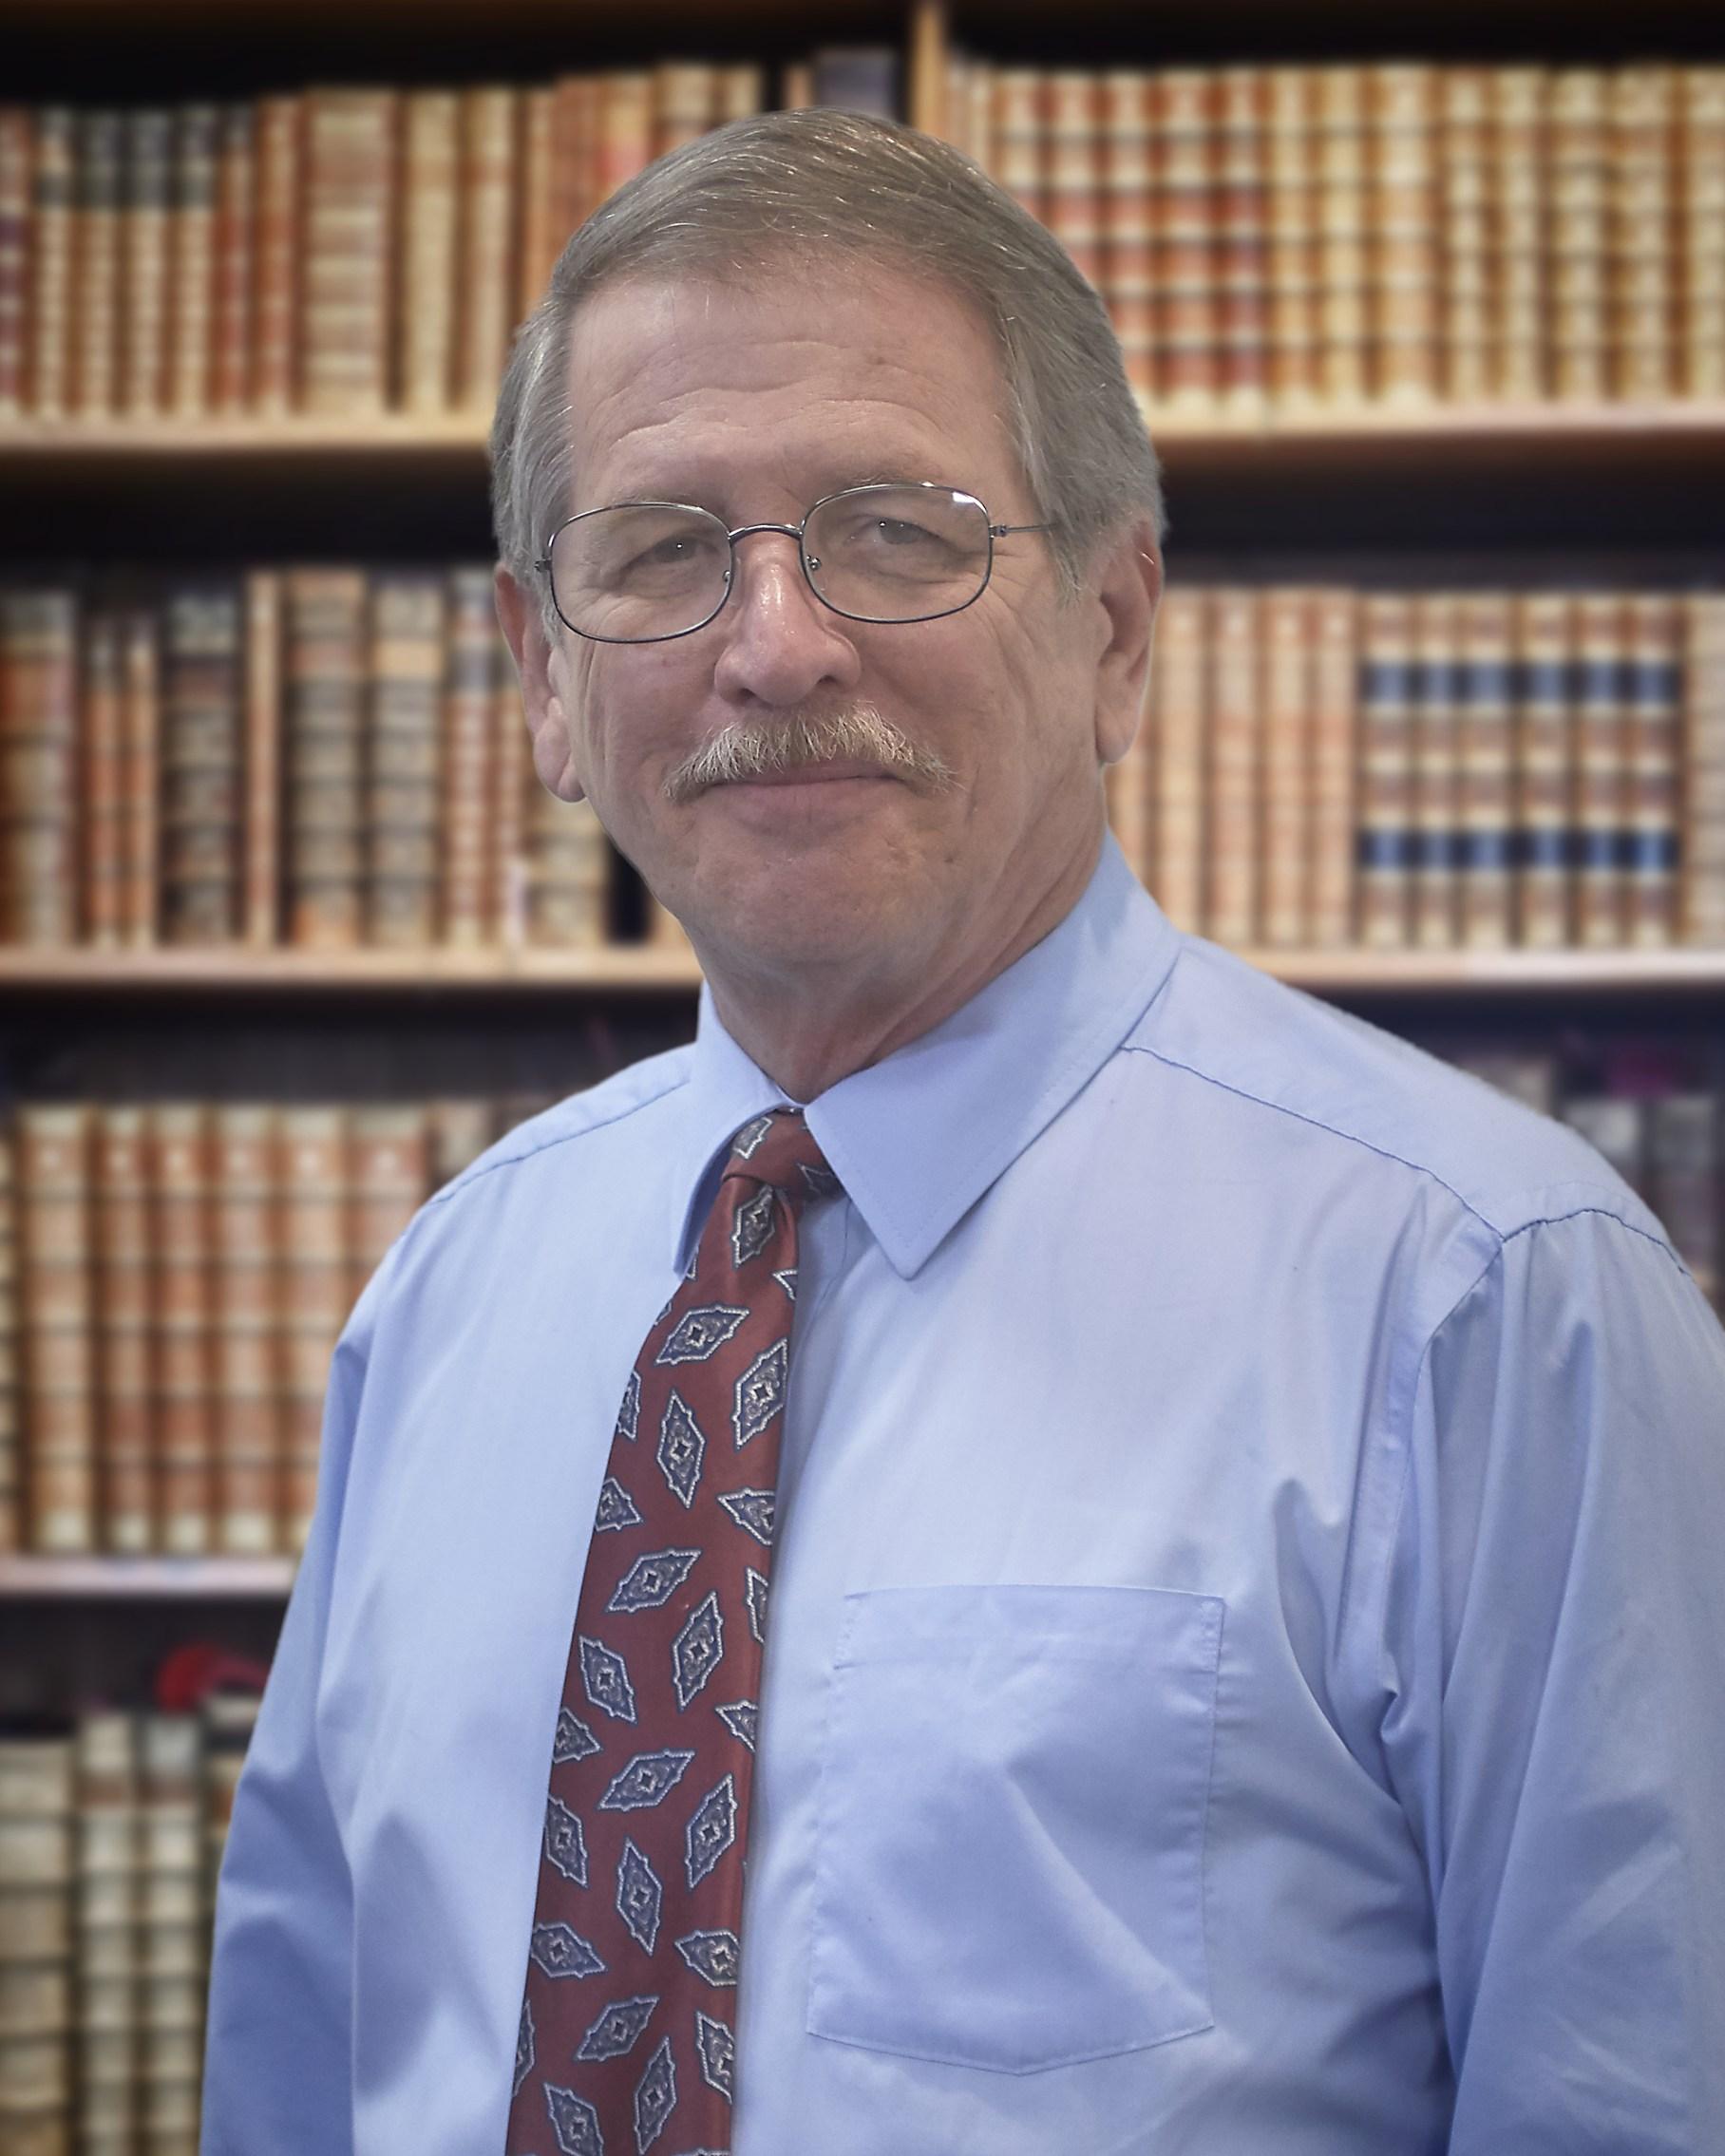 Joe Tilton